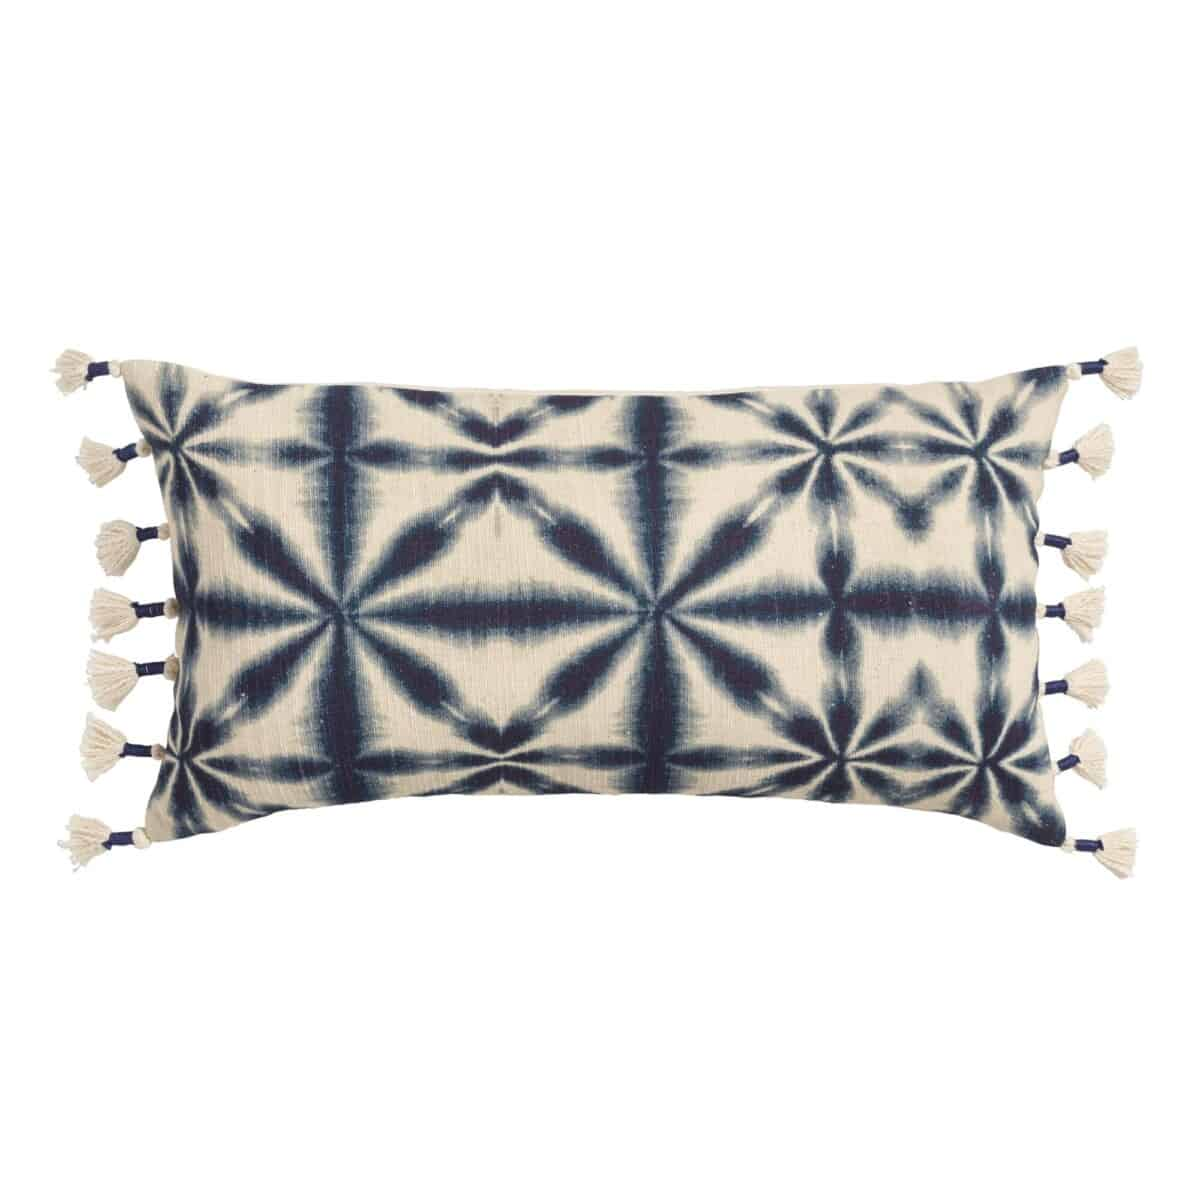 Oversized Indigo Blue Shibori Print Lumbar Pillow